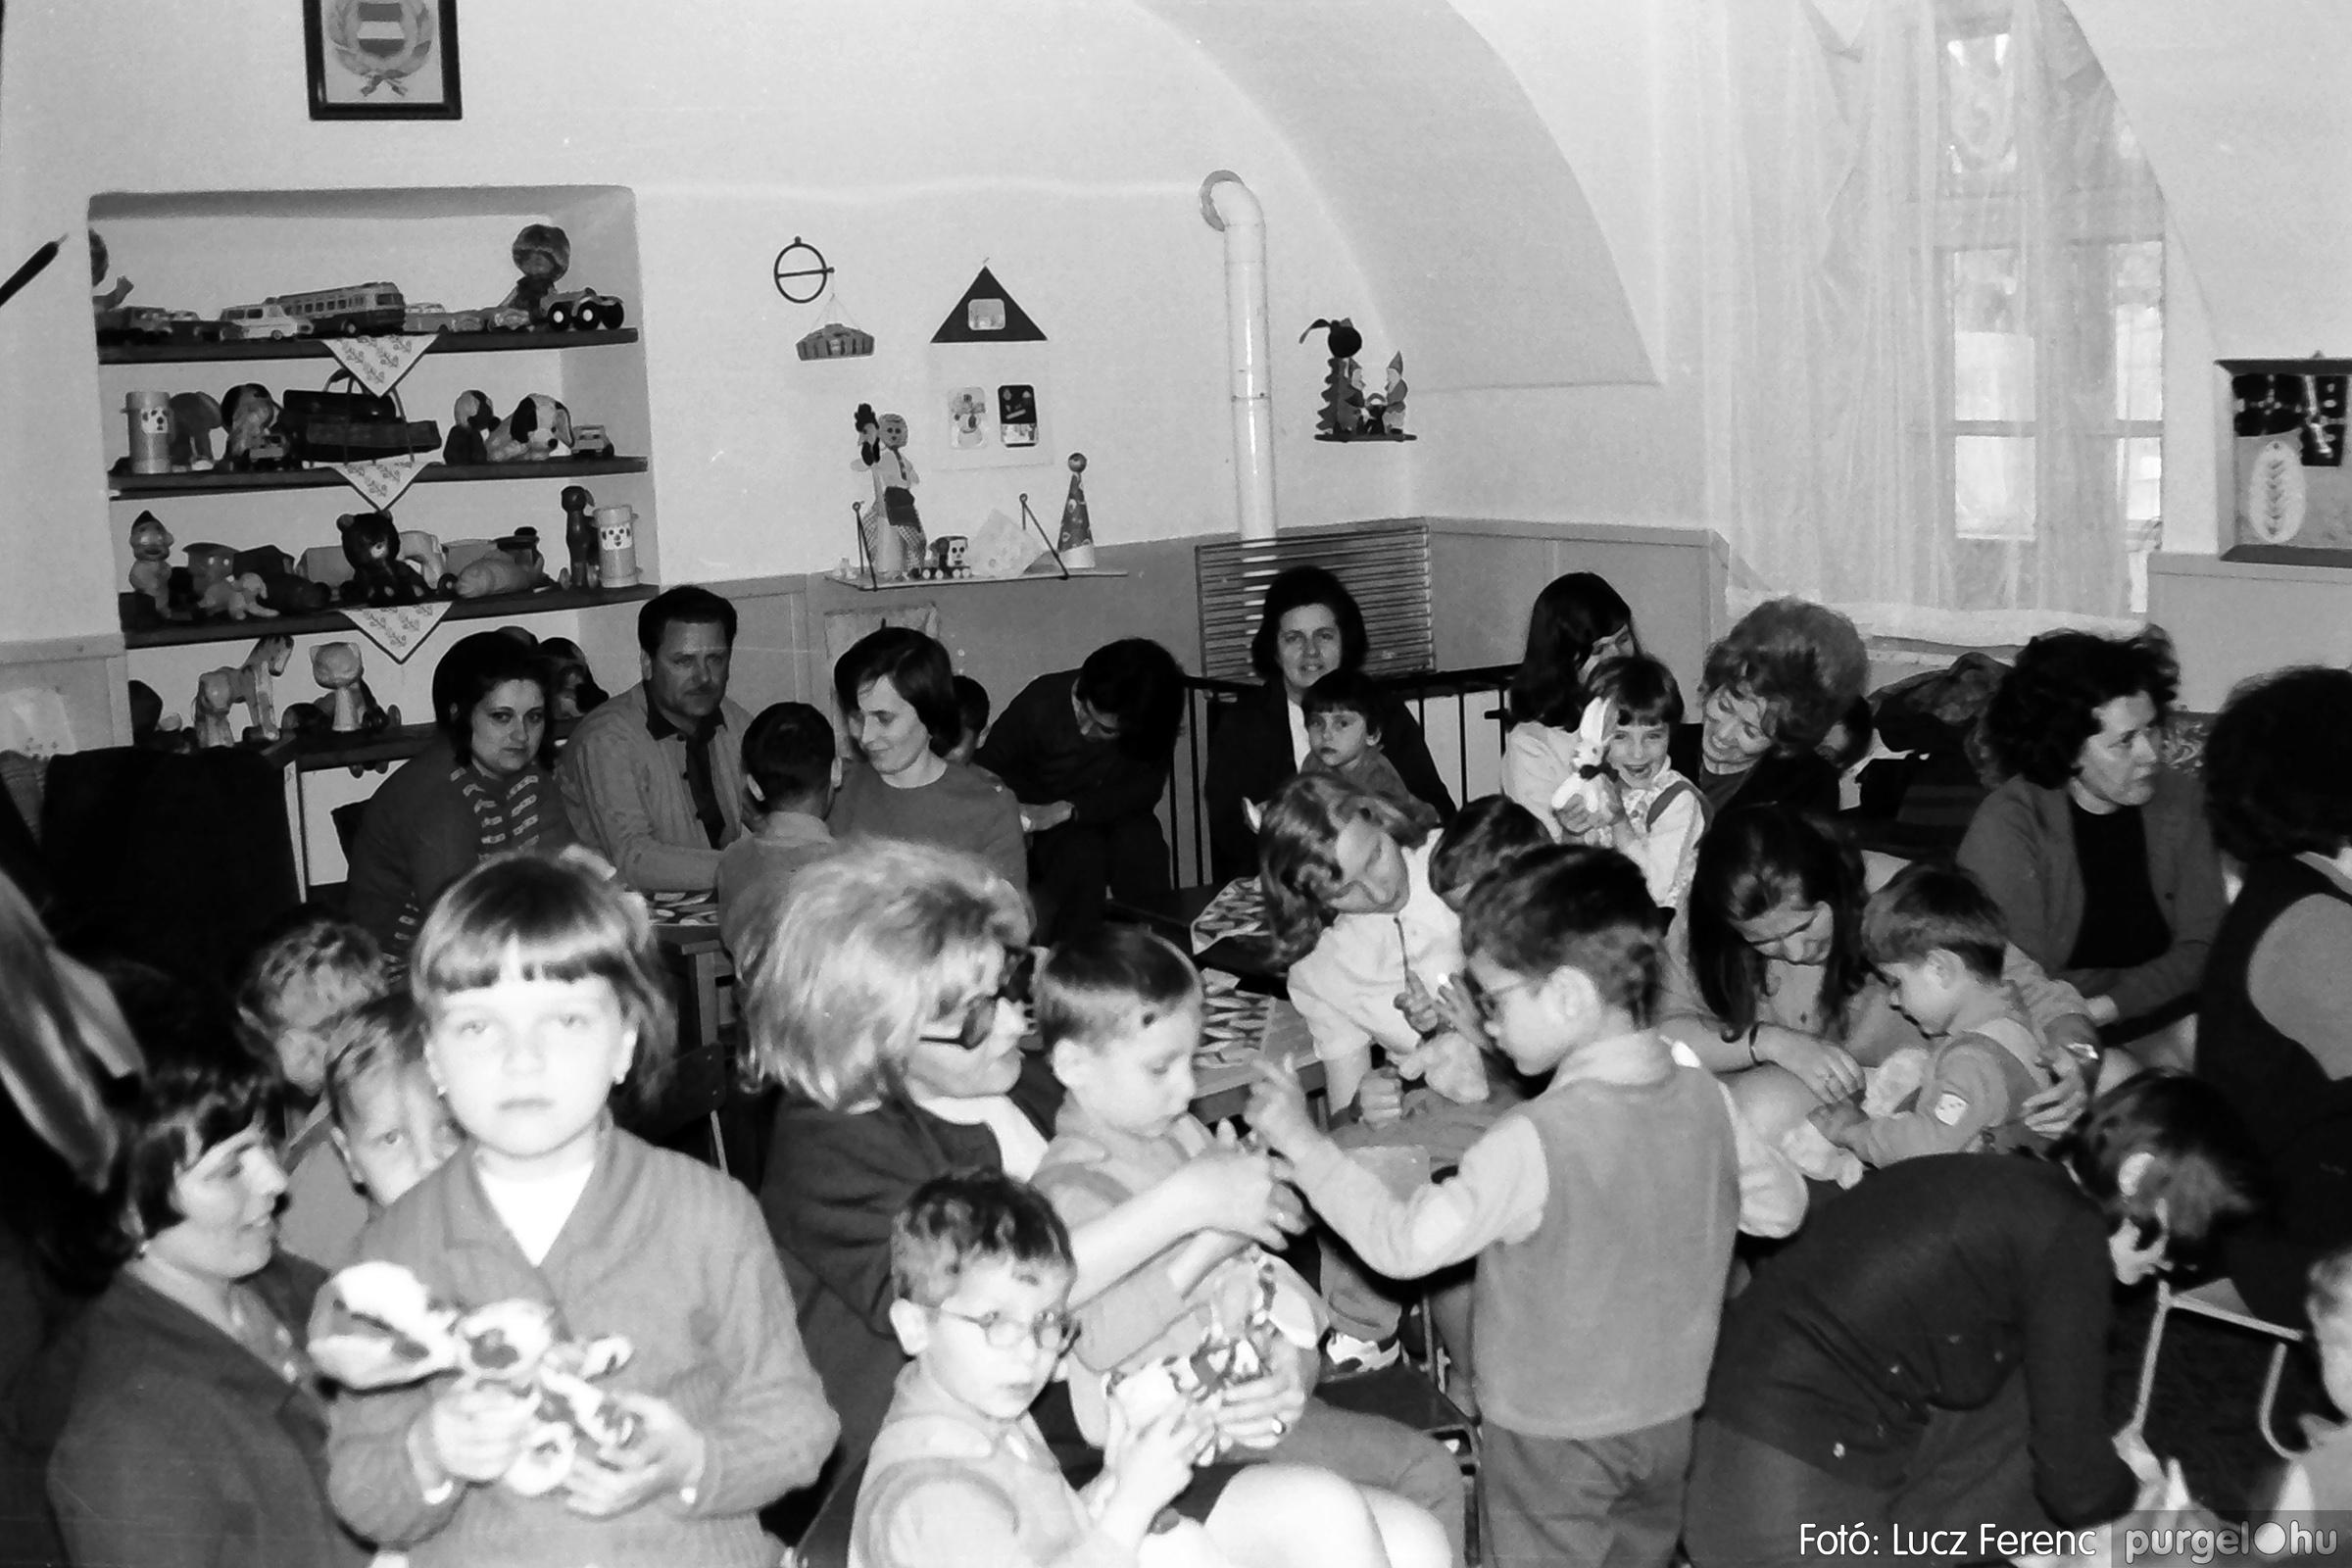 044. 1976. Látogatás a gyermekotthonban 009. - Fotó: Lucz Ferenc.jpg